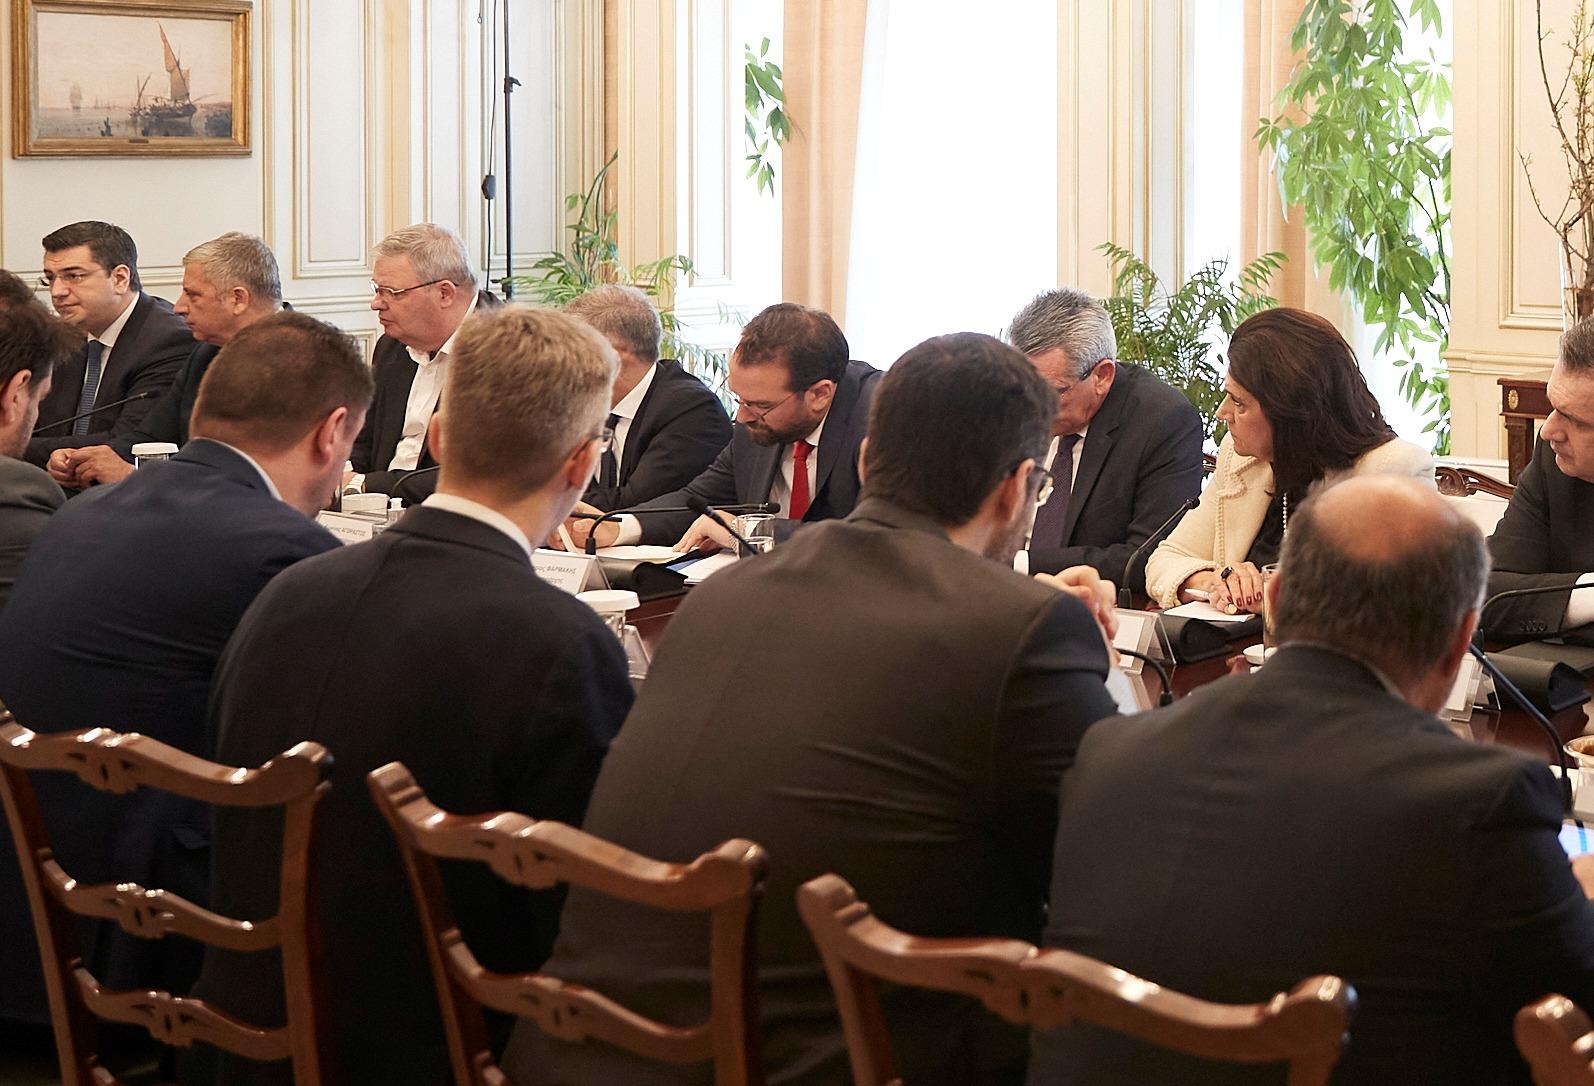 ΠΔΕ- Ν. Φαρμάκης: «Ύψιστο το διακύβευμα προστασίας της δημόσιας υγείας» - Ο Περιφερειάρχης συμμετείχε στην σύσκεψη υπό του Πρωθυπουργού κ. Μητσοτάκη στο Μέγαρο Μαξίμου (photos)